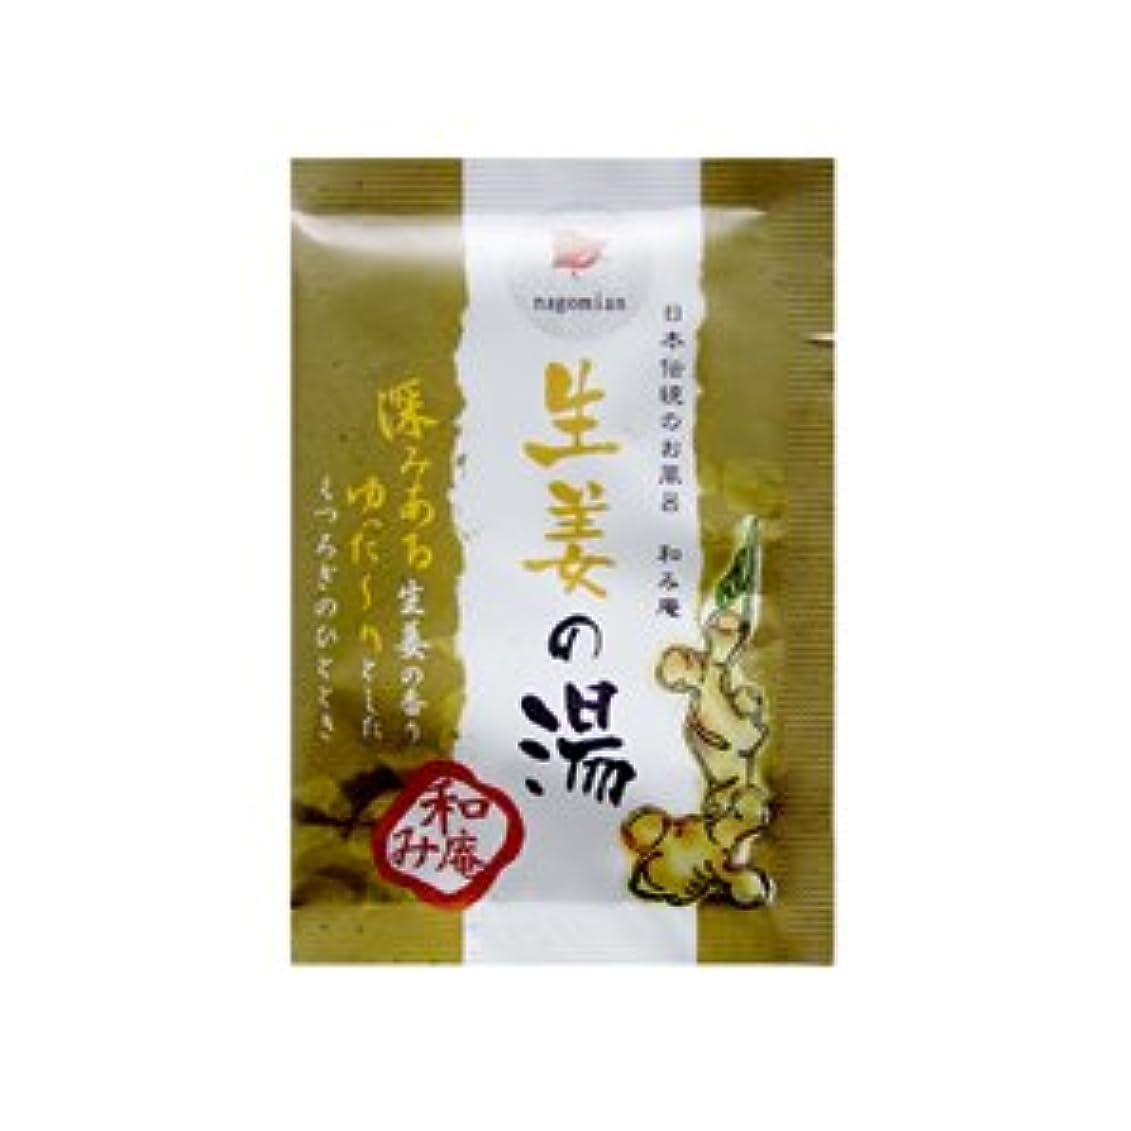 マーガレットミッチェルガソリン弱点日本伝統のお風呂 和み庵 生姜の湯 25g 10個セット